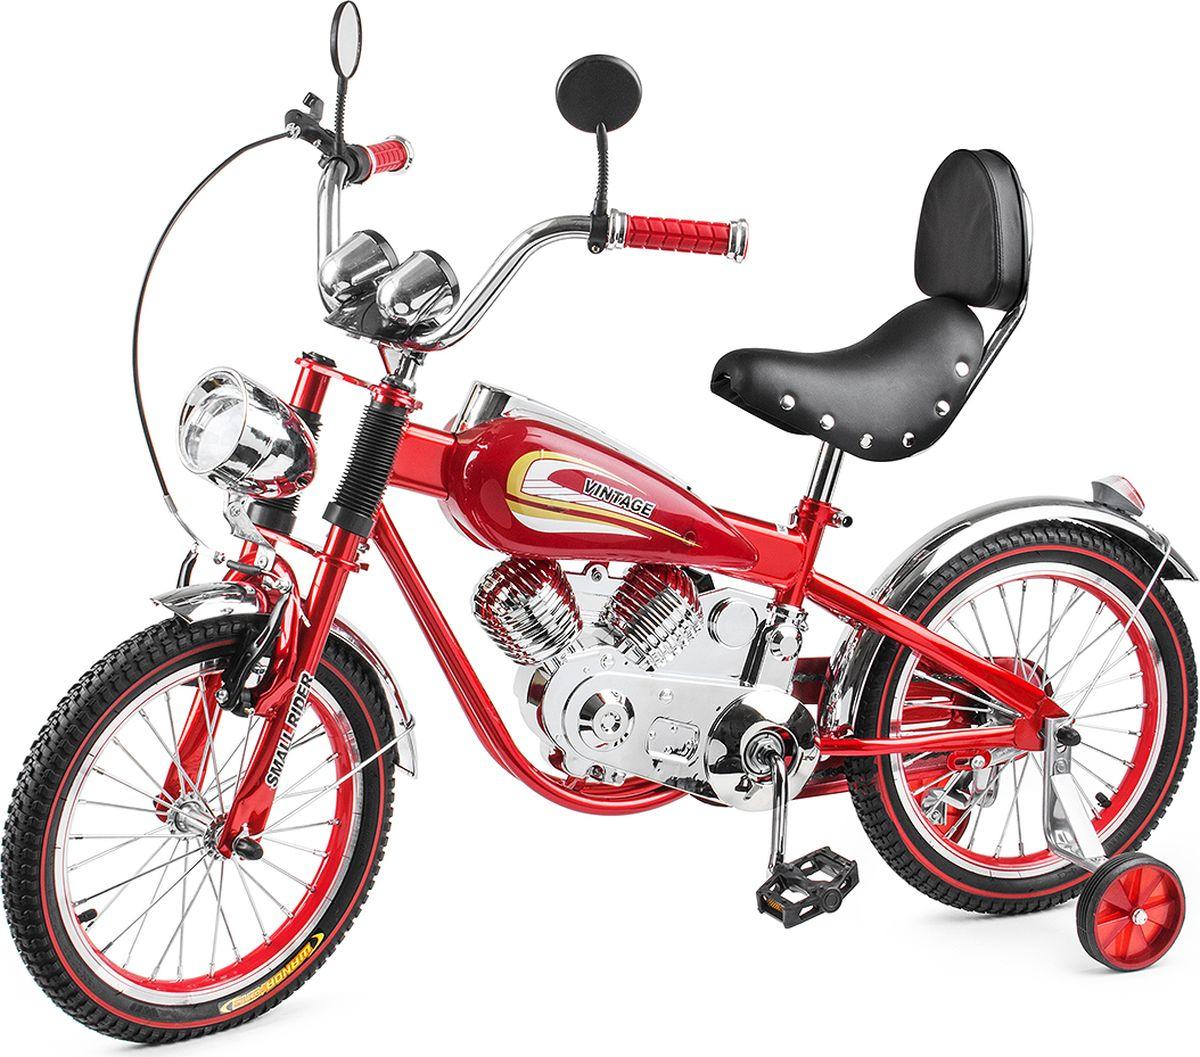 Small Rider Велосипед-мотоцикл детский Motobike Vintage цвет красныйKBO-1014Шикарный и привлекающий взгляды. При первом взгляде на Small Rider Motobike Vintage даже не верится, что это детский велосипед. Он выглядит завораживающе и шикарно. Это,скорее, коллекционный мотоцикл в уменьшенном размере. Все в нем сверкает, блестит и переливается, подчеркивая дороговизну каждого элемента. Стилизация поражает правдоподобностью - мотор, бензобак, спидометр, амортизаторы, сиденье с клепками, фонарь, зеркальца - все как у настоящего мотоцикла! Обучающий детский велосипед. Несмотря на свое великолепие, Мотобайк Винтаж имеет традиционный функционал детского велосипеда и легко приводится в движение с помощью педалей. Очень важно - в комплекте идут поддерживающие колесики, которые помогут ребенку привыкнут к велосипеду и научиться одновременно рулить и крутить педали. Он подойдет детям уже с 4-х лет. Так что, Small Rider Motobike Vintage - отличный вариант, чтобы научиться кататься на велосипеде, причем сделать это с шиком, вызвав удивление и белую зависть в парке или на детской площадке! Безопасность и удобство. За безопасность, опять-таки, отвечают дополнительные съемные боковые колесики, а также два тормоза: ручной и ножной. Повышенный комфорт. Помимо эстетического удовольствия от взгляда на велосипед и обладания им, Мотобайк Винтаж еще и комфортно водить. Надувные резиновые колеса 16-радиуса на спицах бесшумно и плавно катятся, комфортное большое мягкое сиденье имеет еще и спинку! Высота сиденья может регулироваться под рост Вашего ребенка. Катание в удовольствие. В отличие от традиционных (скучных) двухколесных велосипедов катание на Small Rider Motobike Vintage добавит новую искорку, превратит езду в игру в байкеров или путешествие по хайвэю.